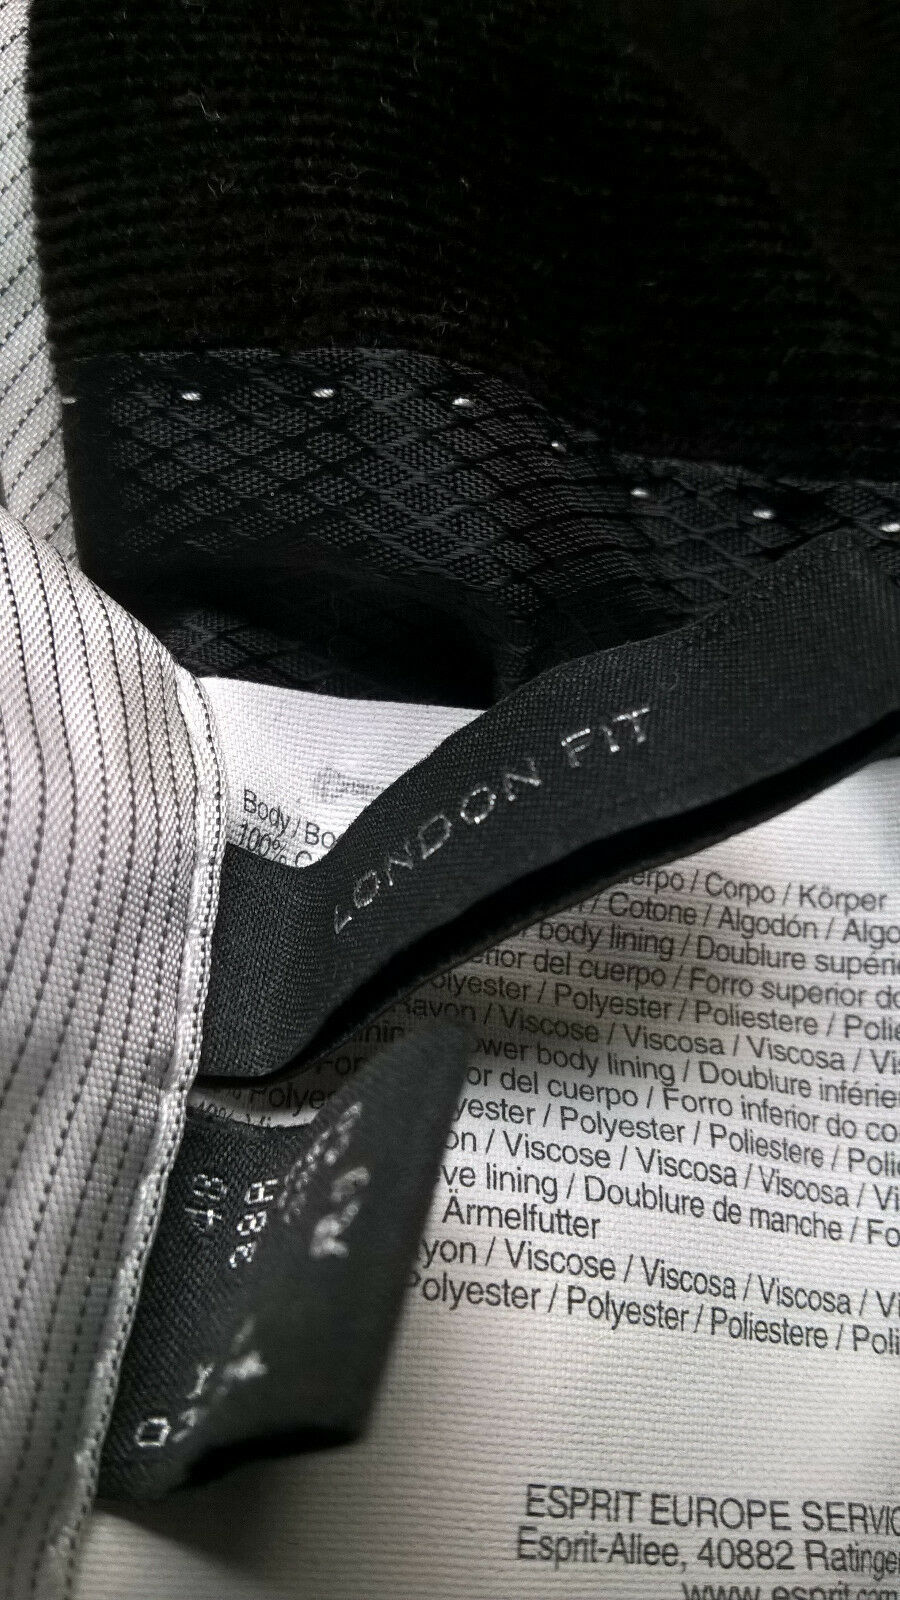 ESPRIT Sakko 48 London fit, fit, fit, NP  ,2mal getragen, | Nutzen Sie Materialien voll aus  1b770a